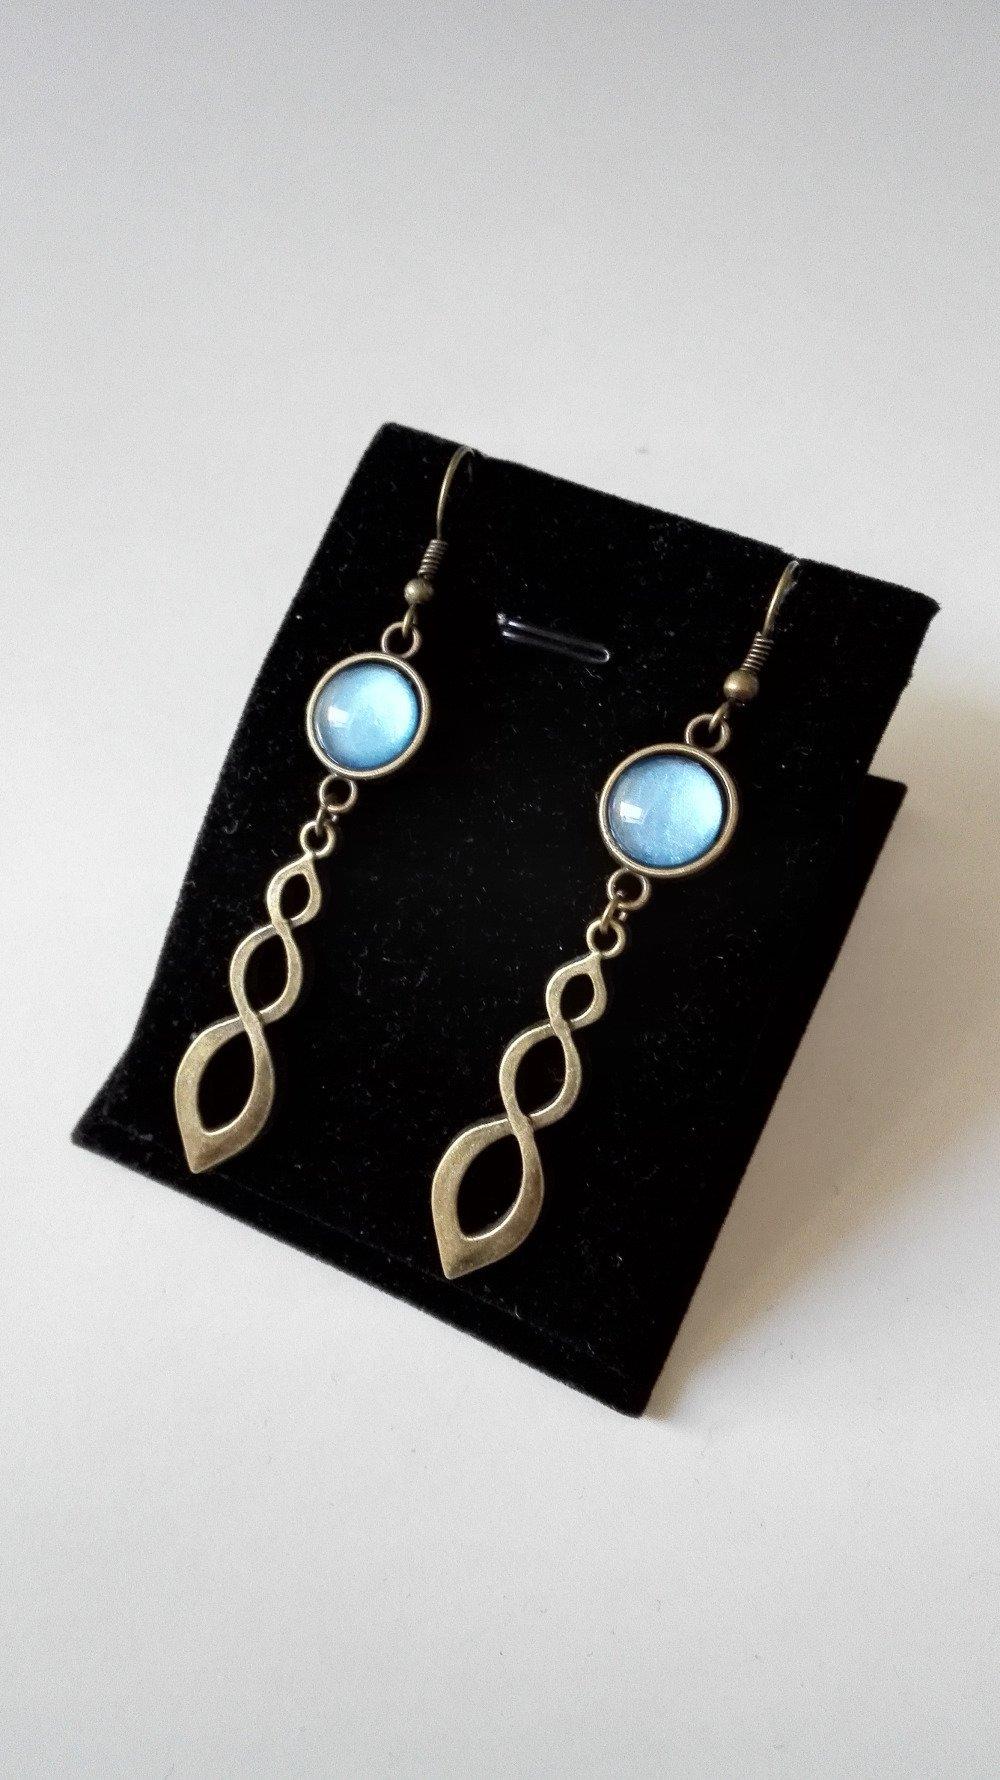 Boucles d'oreilles noeuds celtiques Claire sassenach cabochon bleu bronze Outlander Ecosse Miss Perles